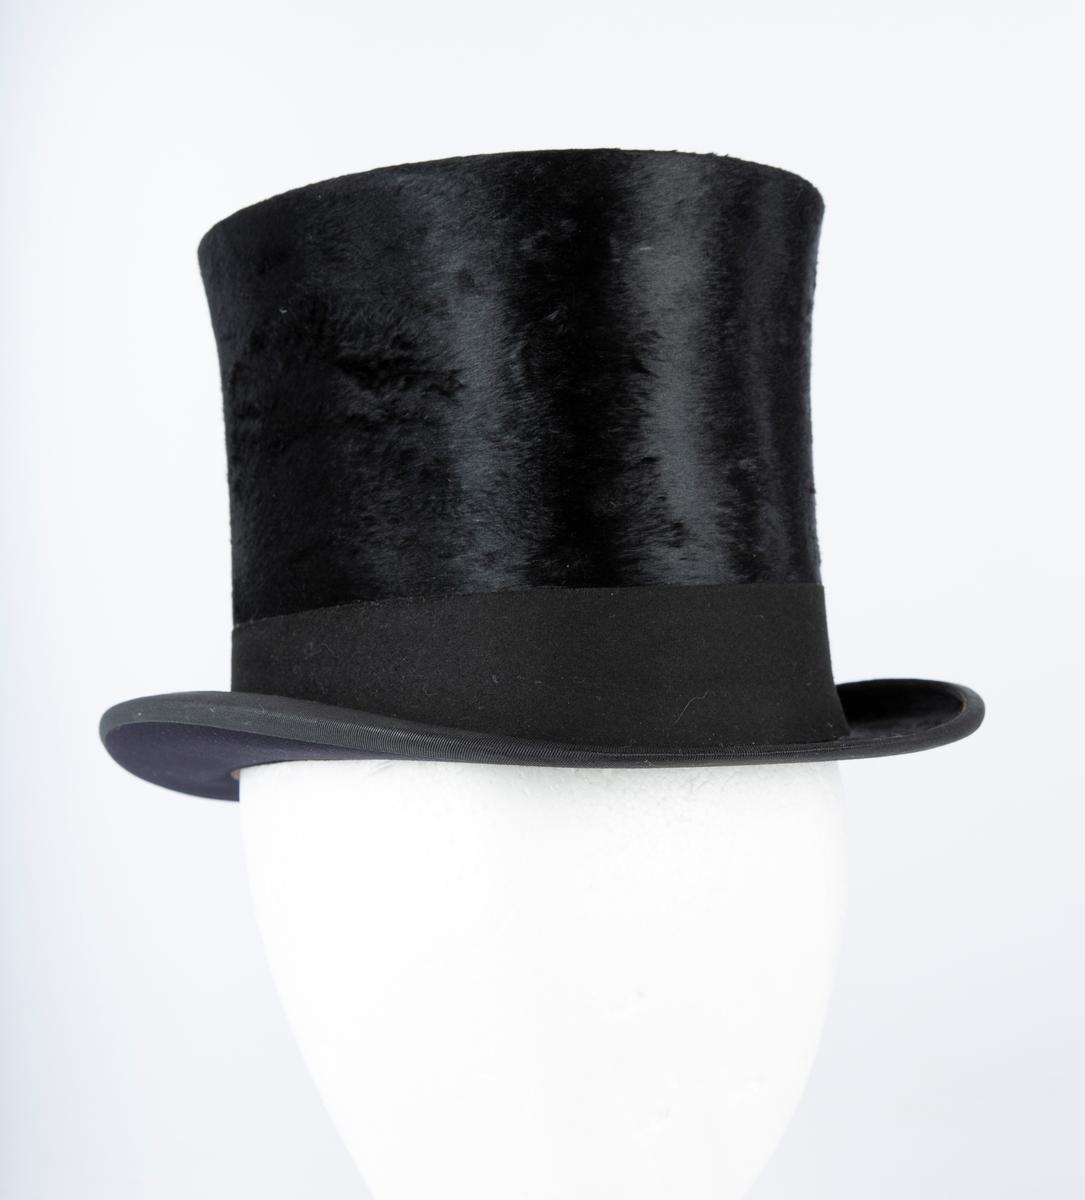 Oval hatt, rett pull med flat topp, flosset stoff, matt hattebånd. Flar brem forran og bak, oppbøyet sidekant. Foret med brun ripssilke. Svettekant i skinn. Inni hatten et visittkort  med påskrift J. Schaan Theiste, Burauchef   største LlxB: 30x24  Innvendig mål: L 20  B 15  H 15